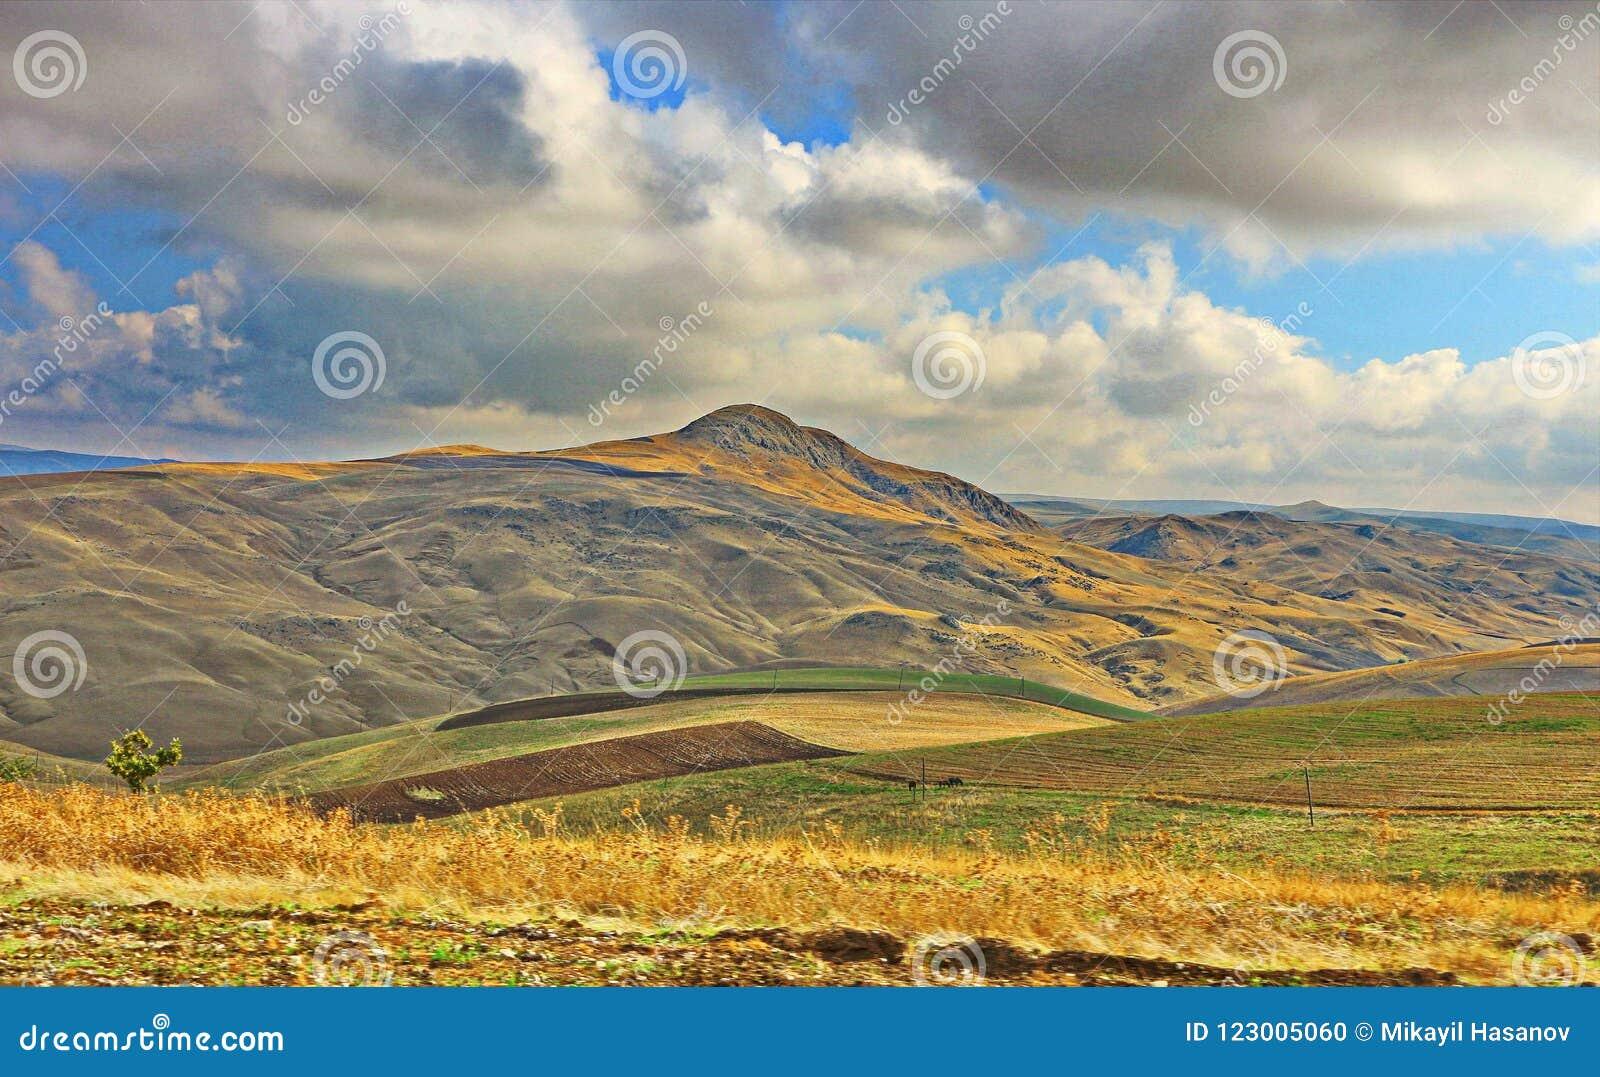 Valle en la región de Shamakhi de Azerbaijan